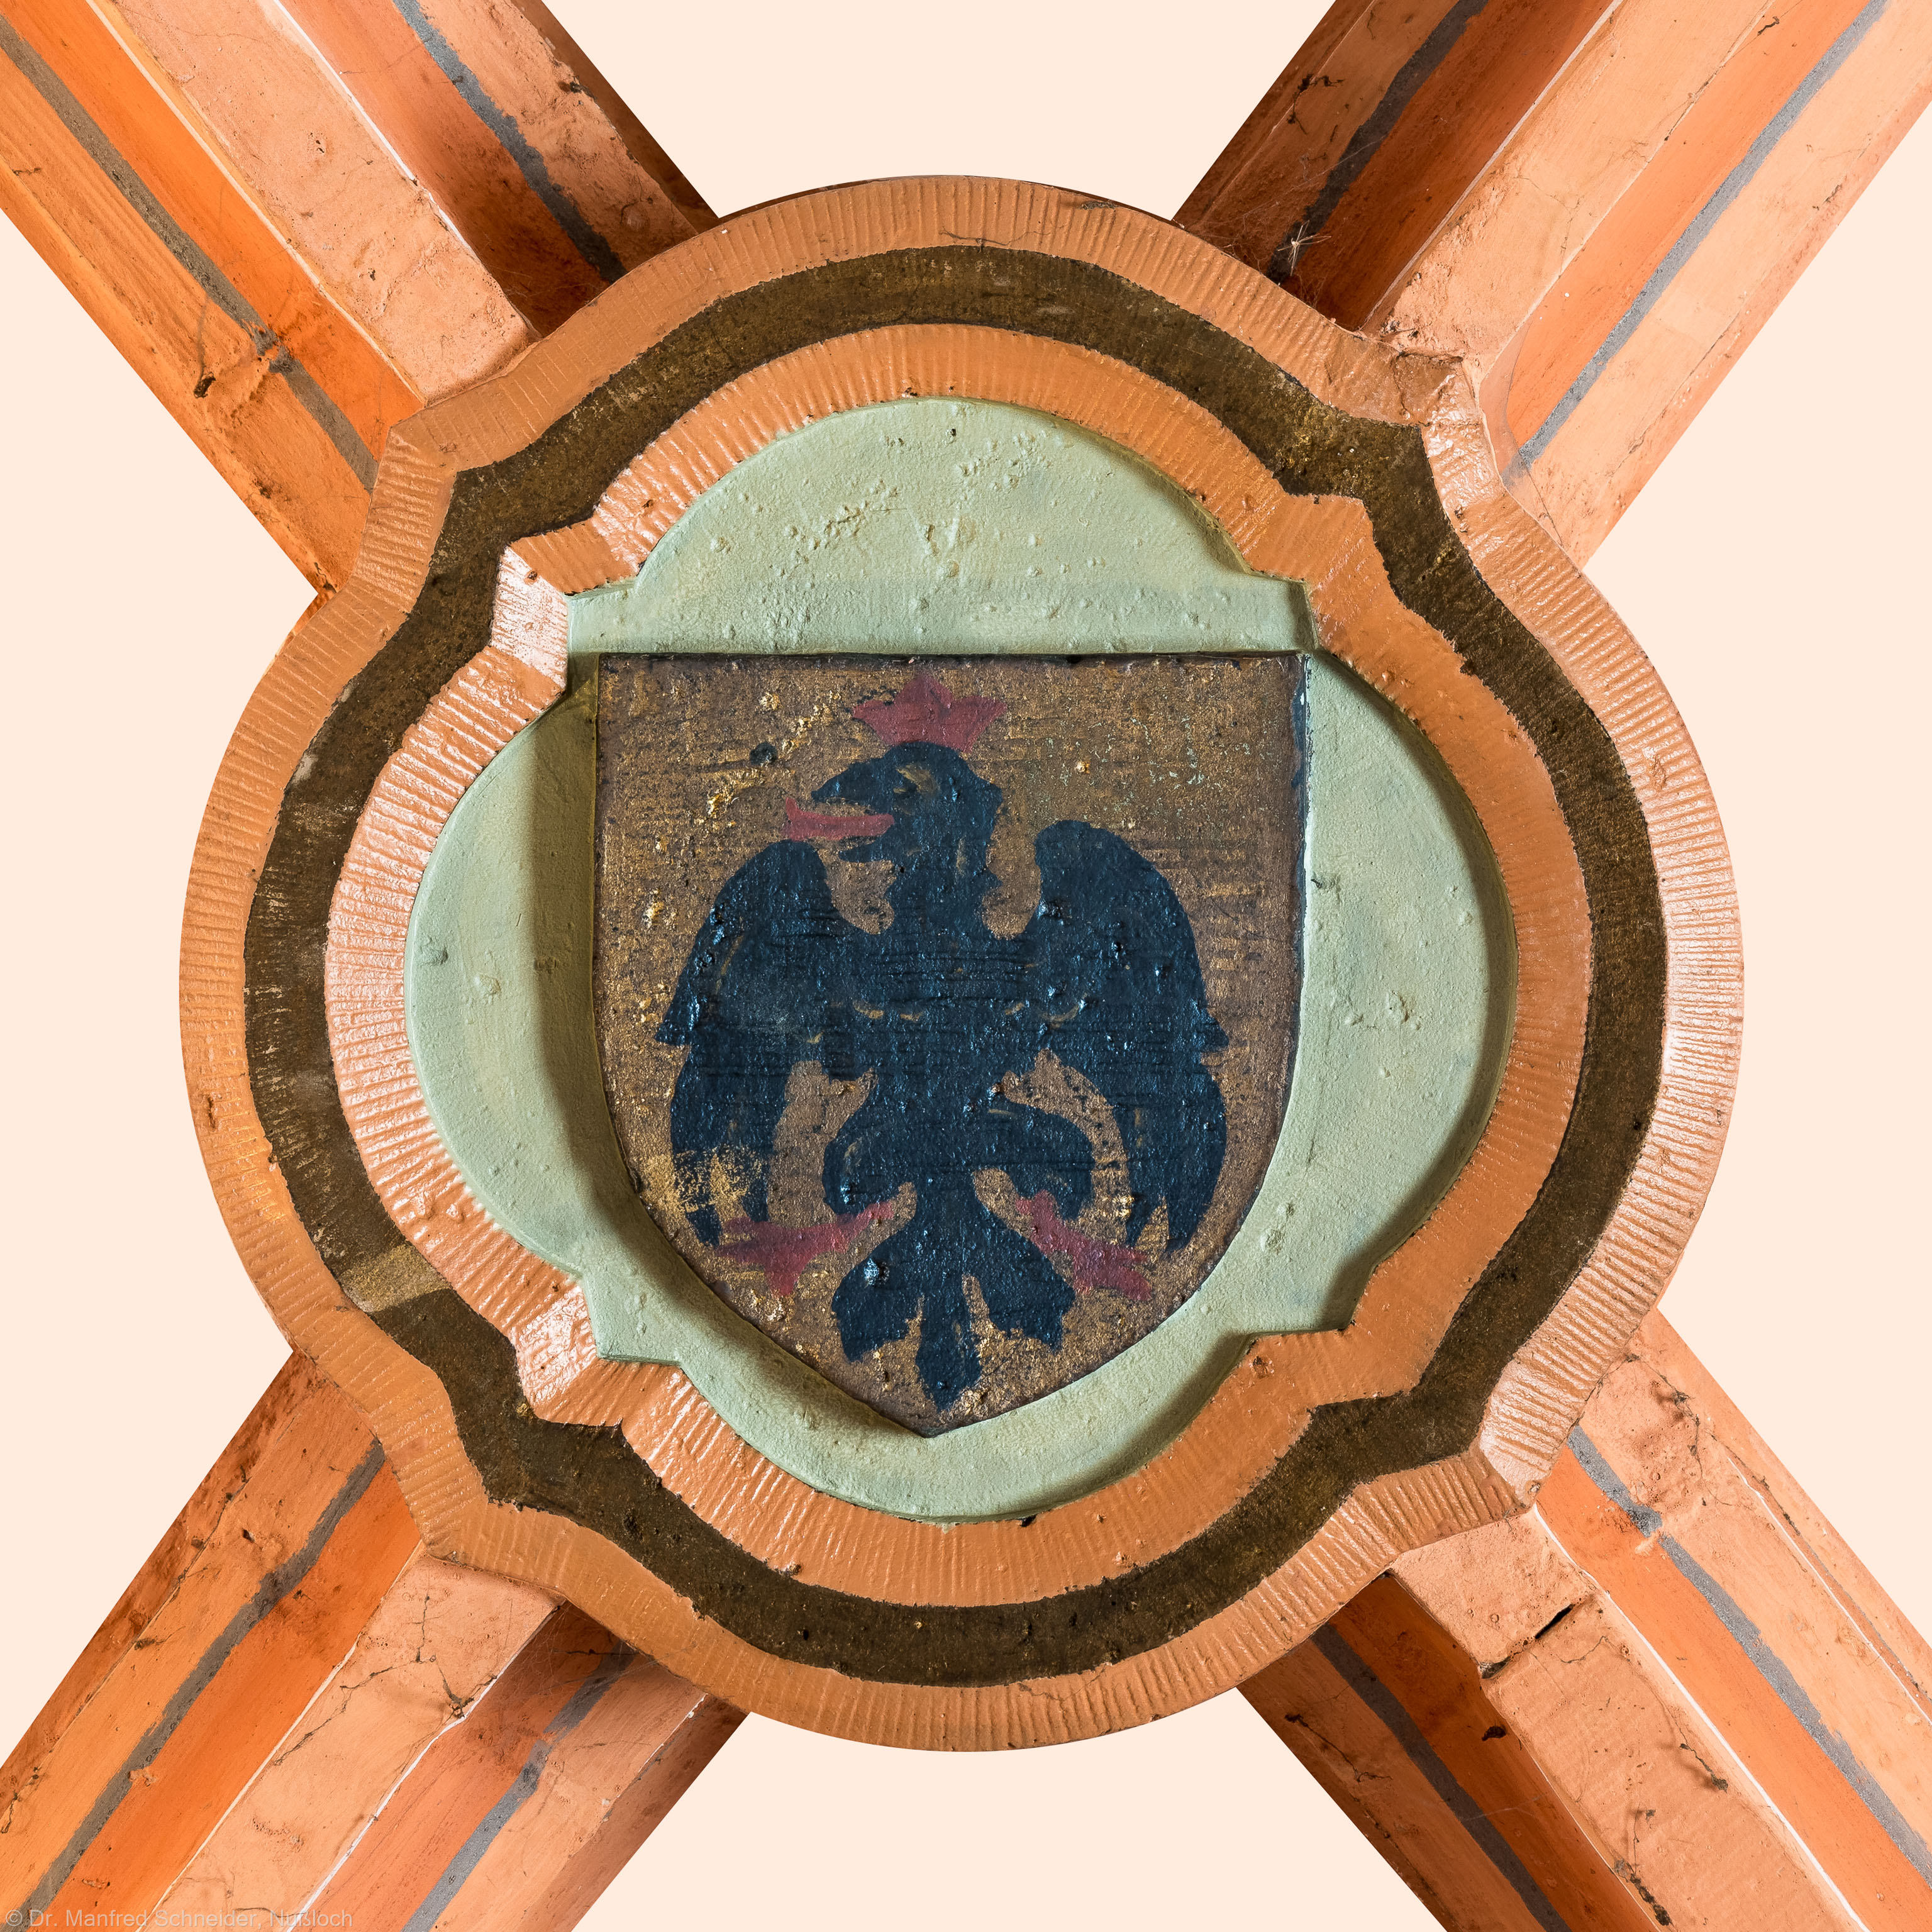 Heidelberg - Heiliggeistkirche - Turm - Nördlicher Eingangsbereich - Schlussstein (aufgenommen im Mai 2015, am späten Nachmittag)